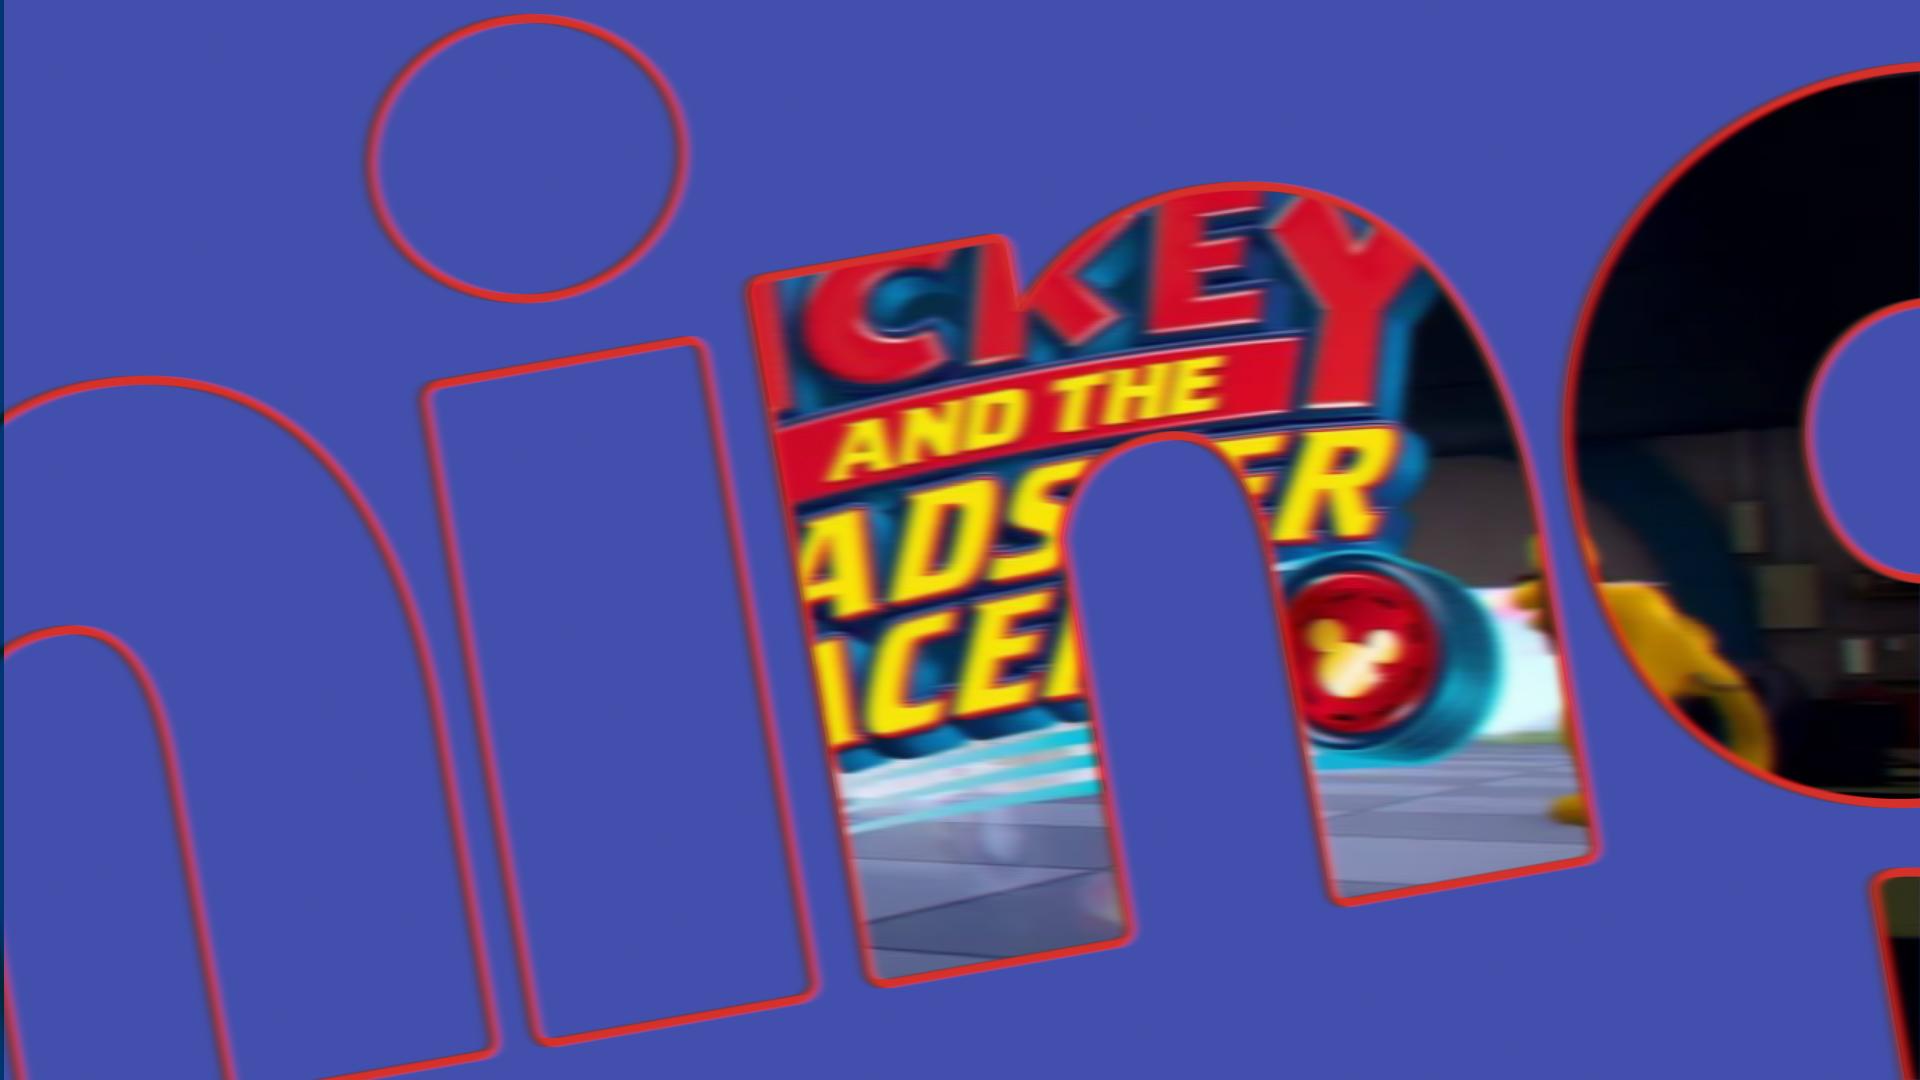 FRY_IN_ComingSoon_DJ_kk_03b 2 (0-00-00-00).jpg